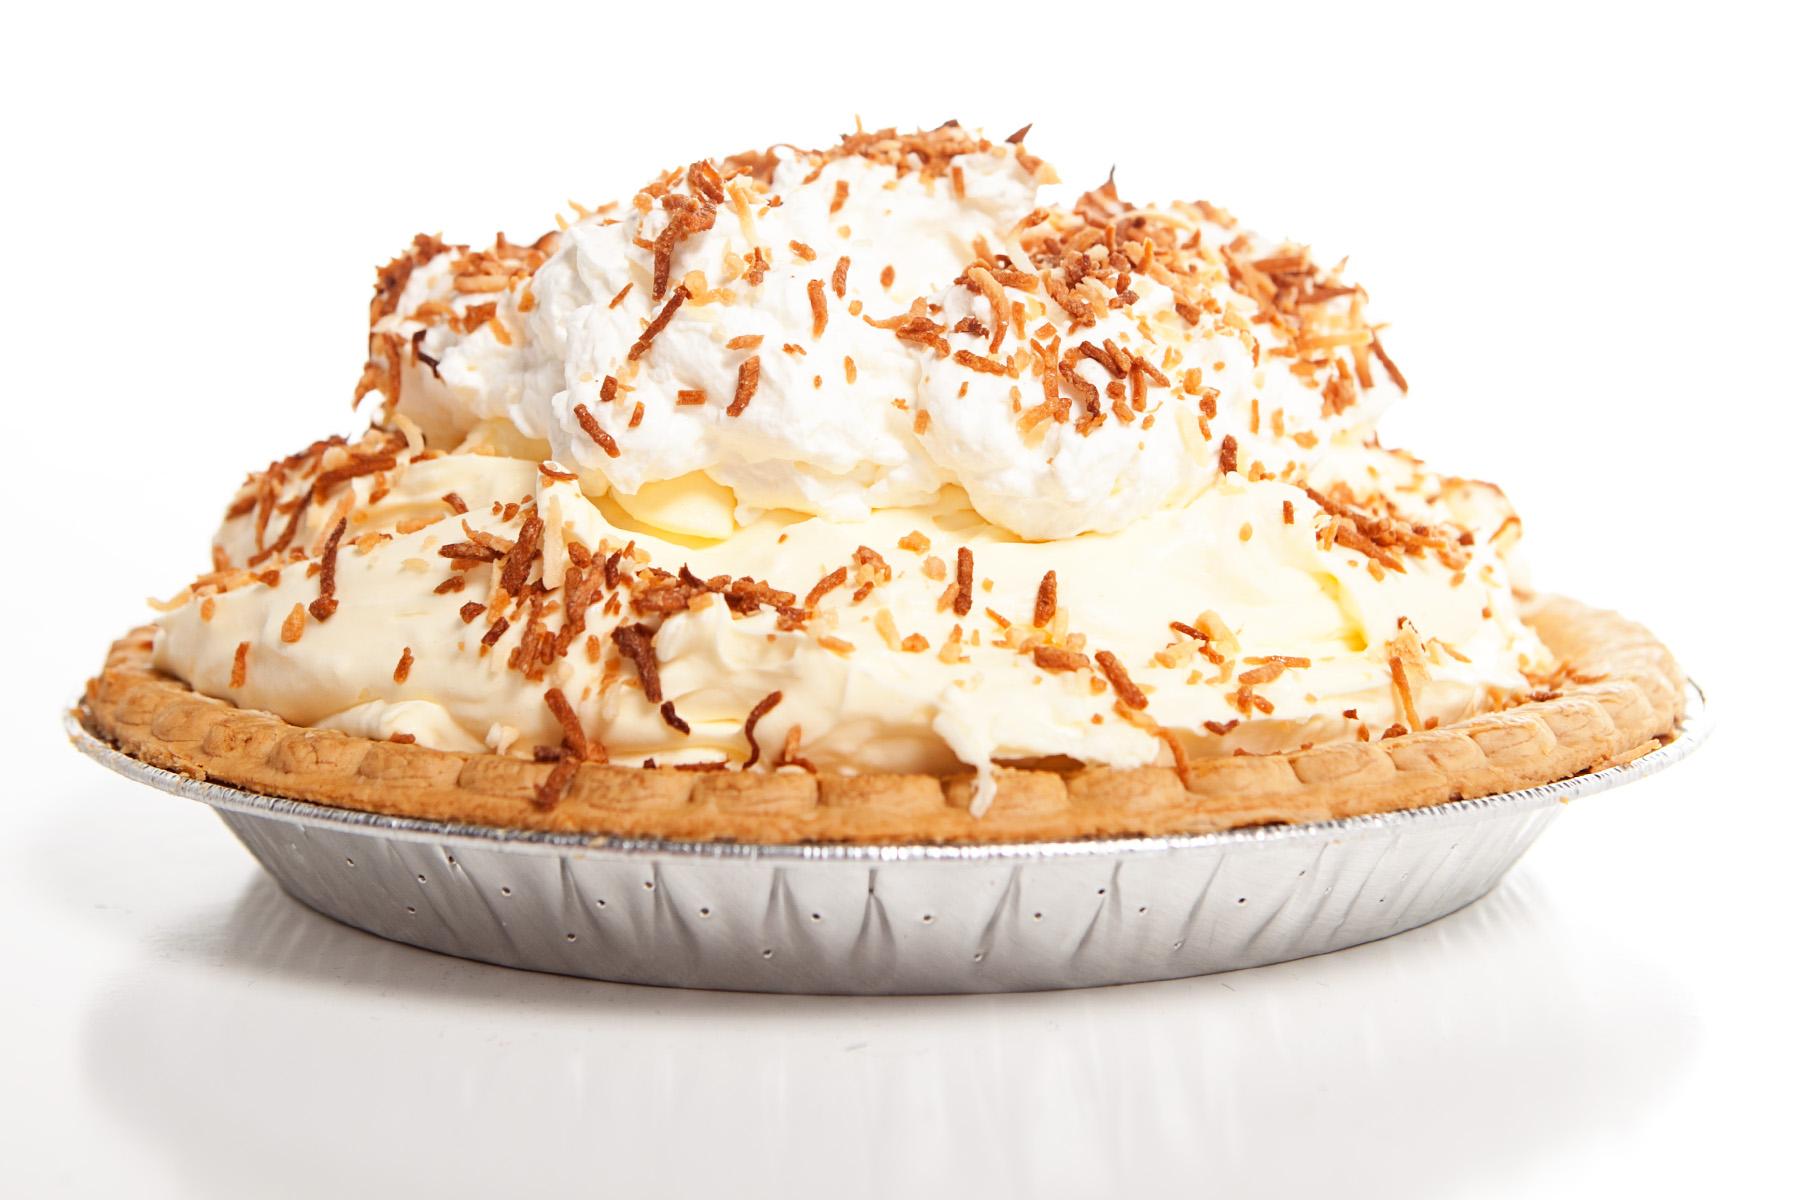 Pie clipart whip cream pie The Pie Coconut Cream Cream